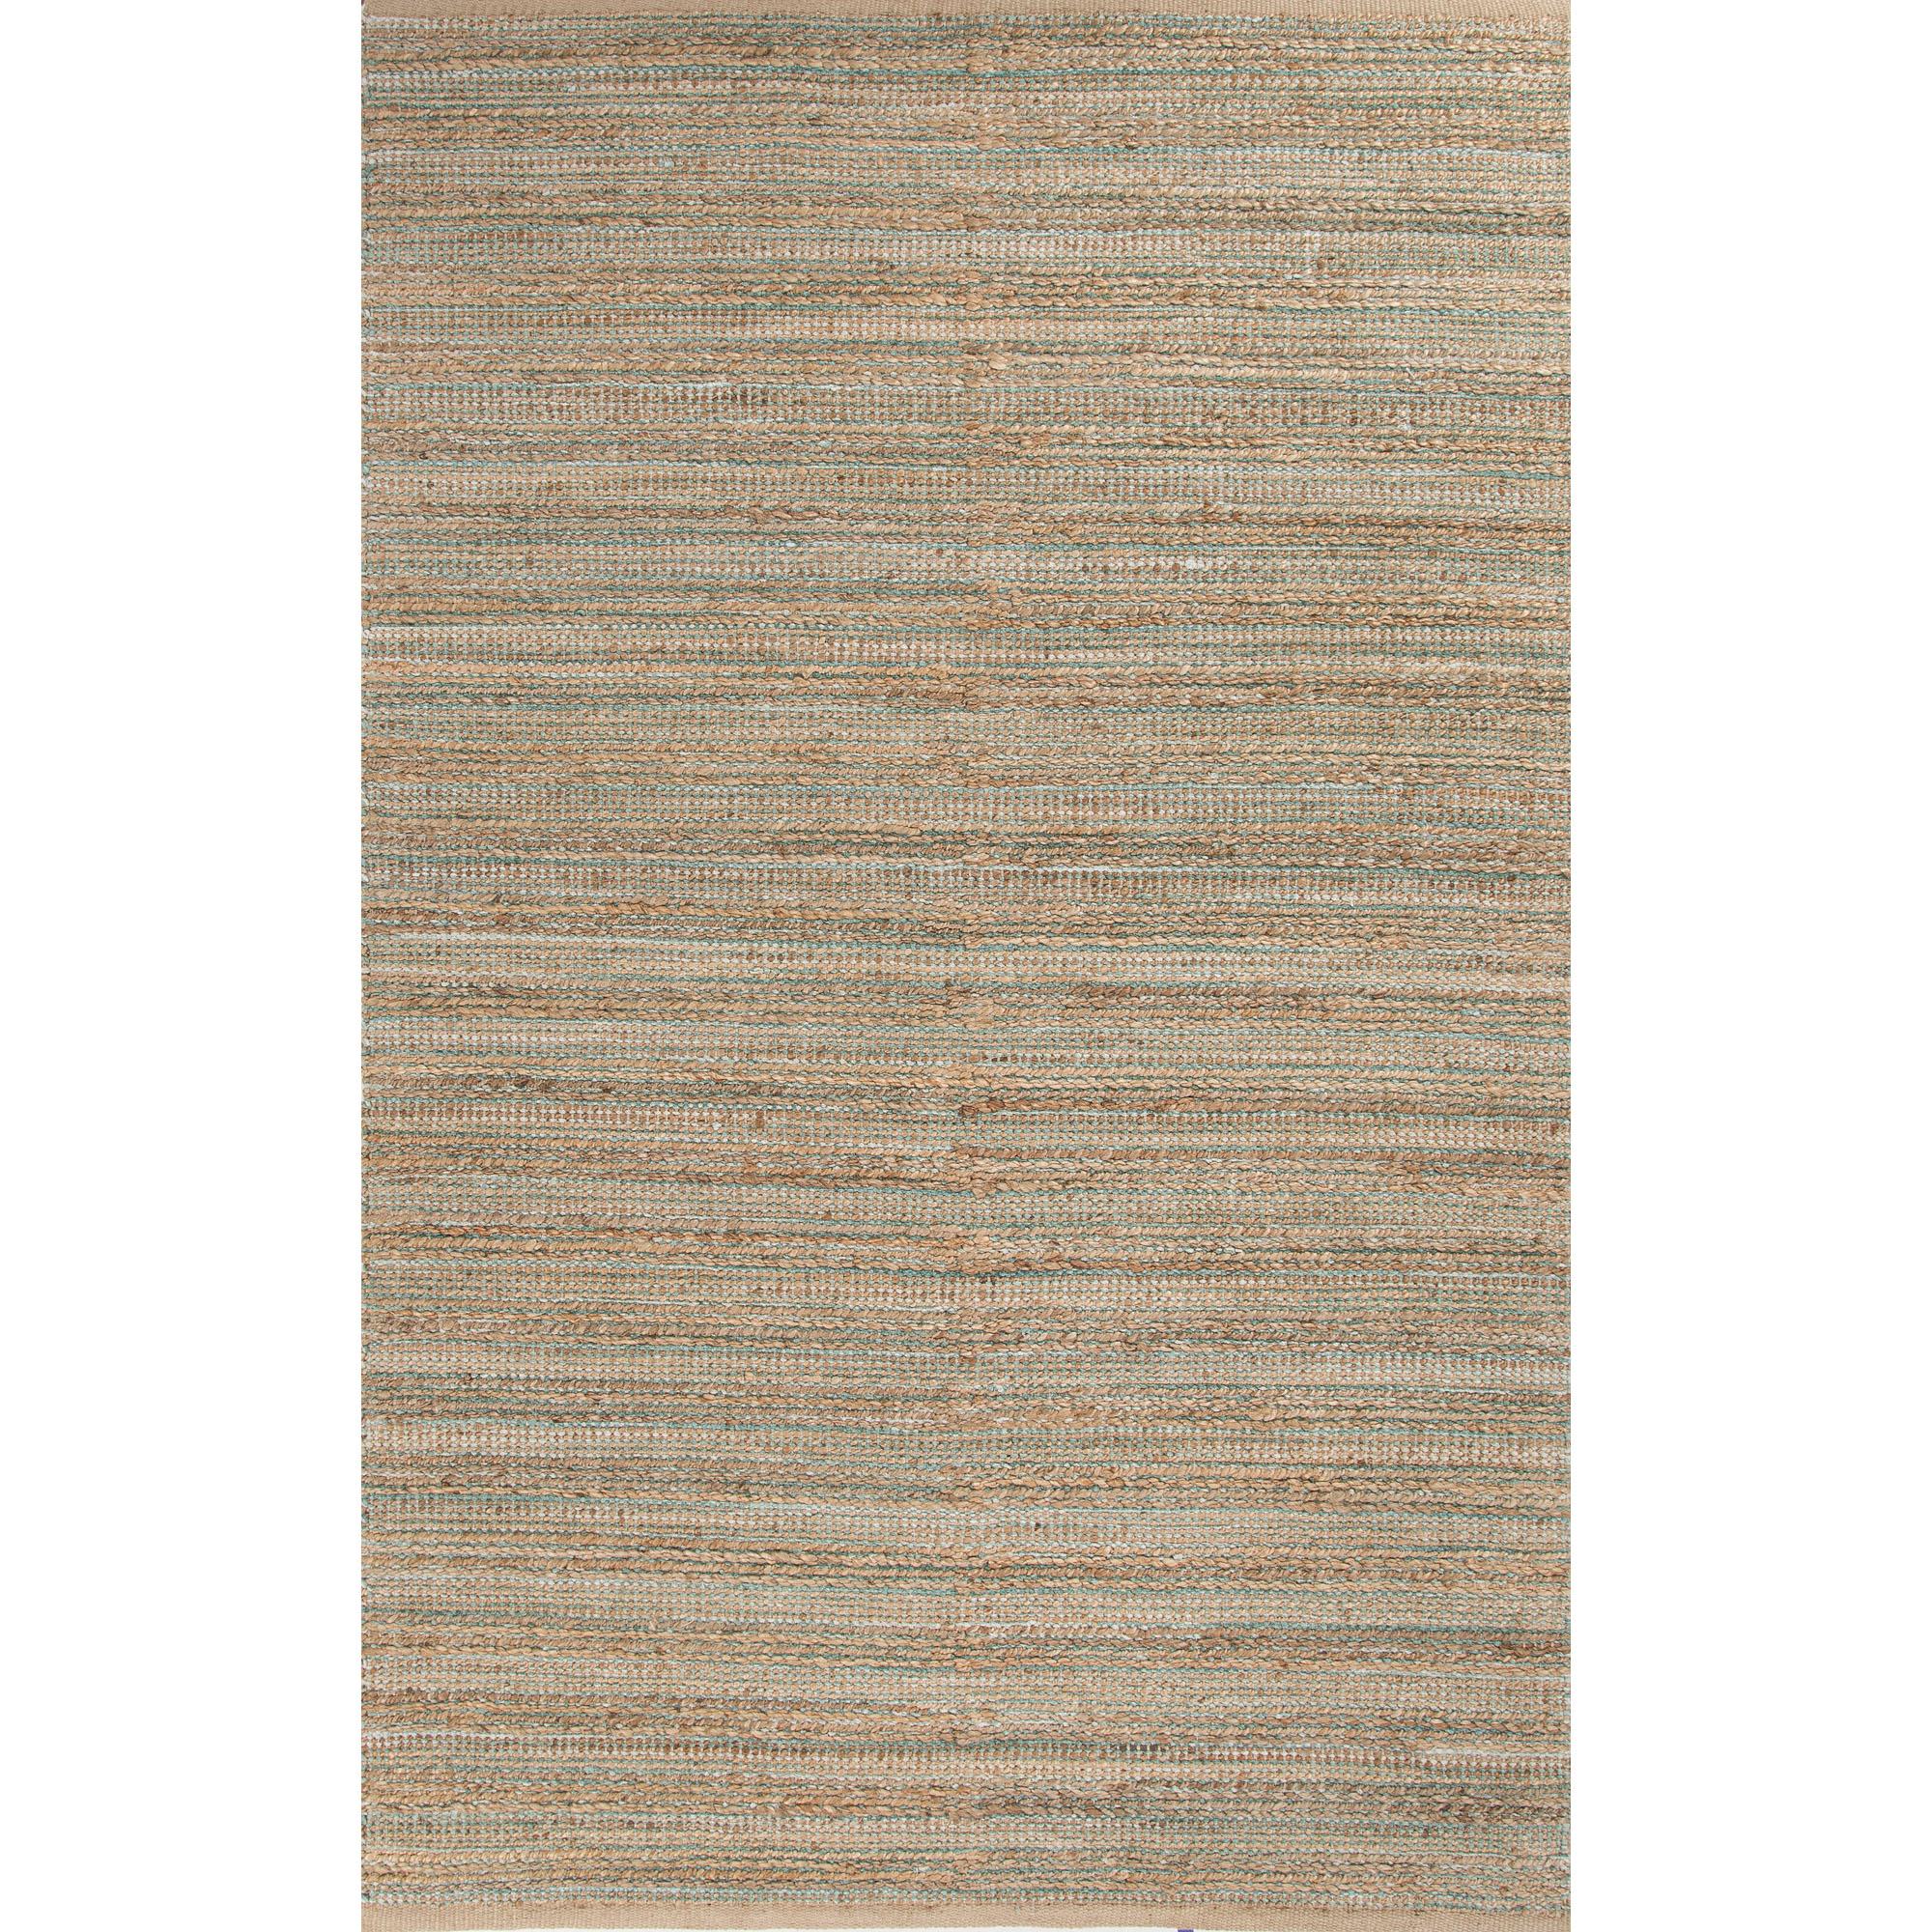 JAIPUR Rugs Himalaya 3.6 x 5.6 Rug - Item Number: RUG115473